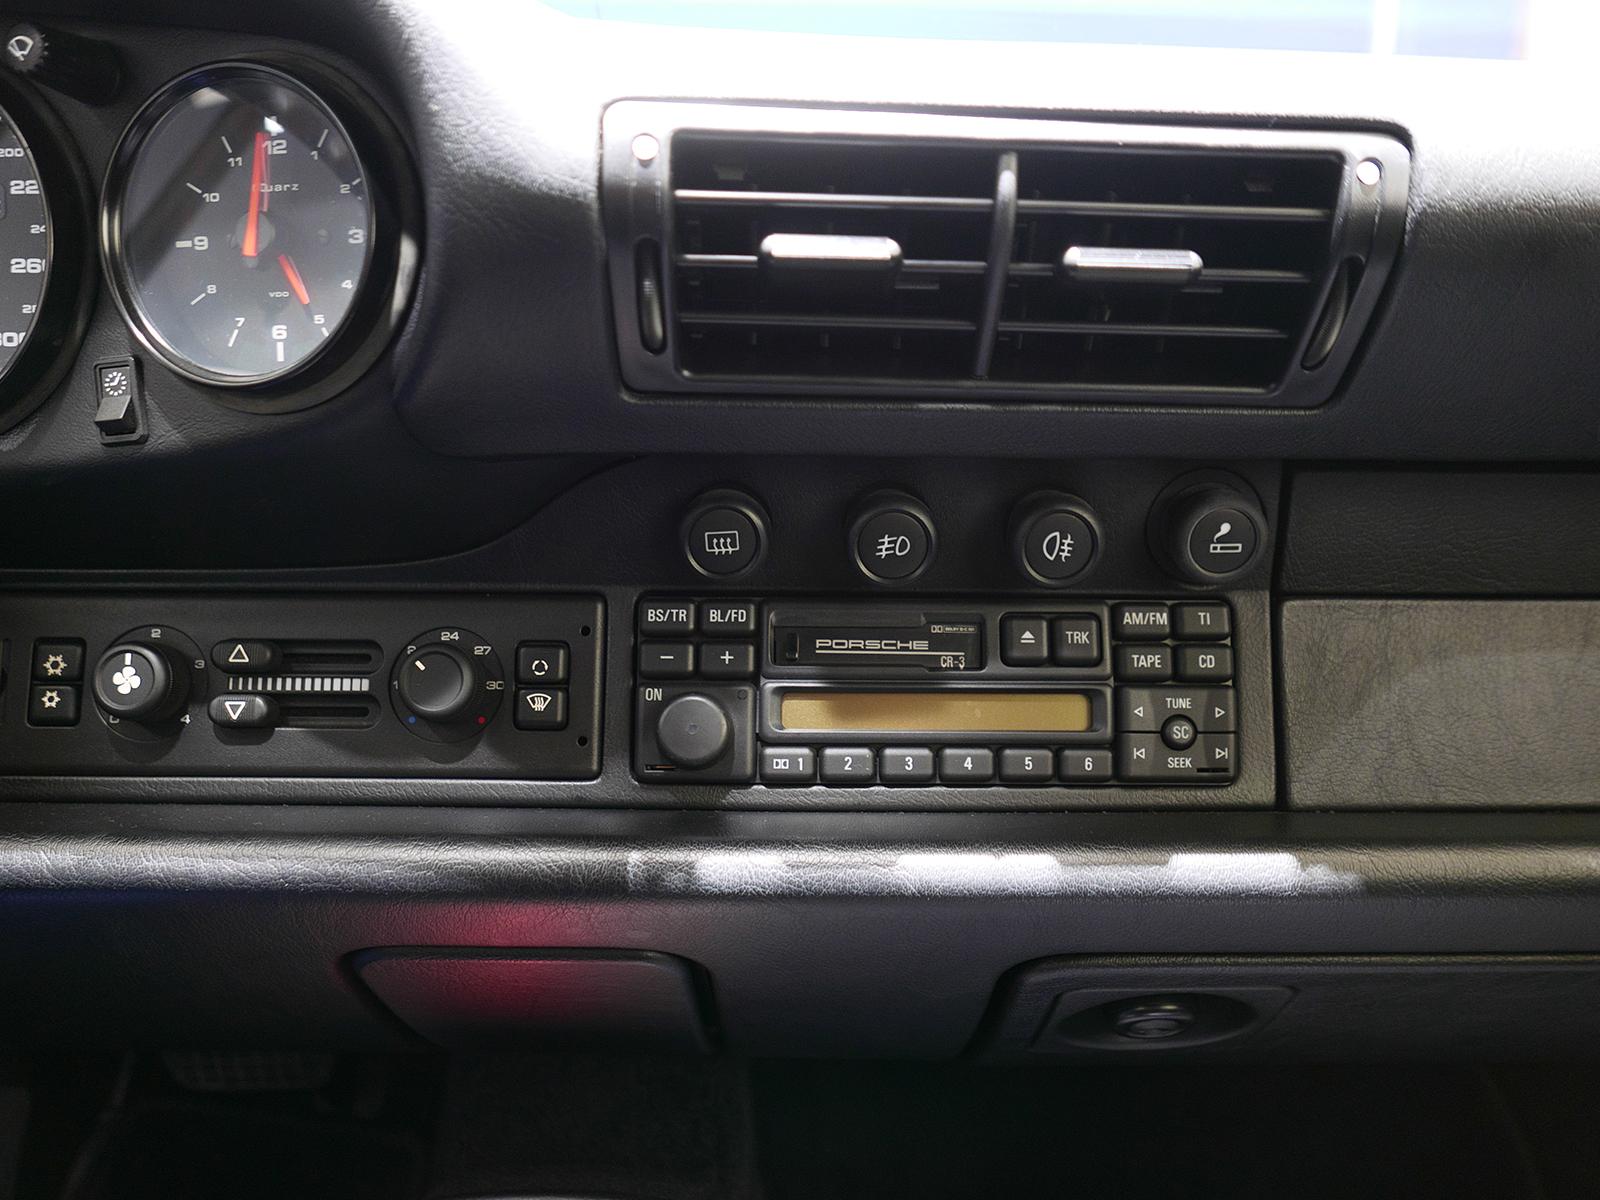 ポルシェ 911 タイプ993 カレラ タイプ Ⅰ インパネ